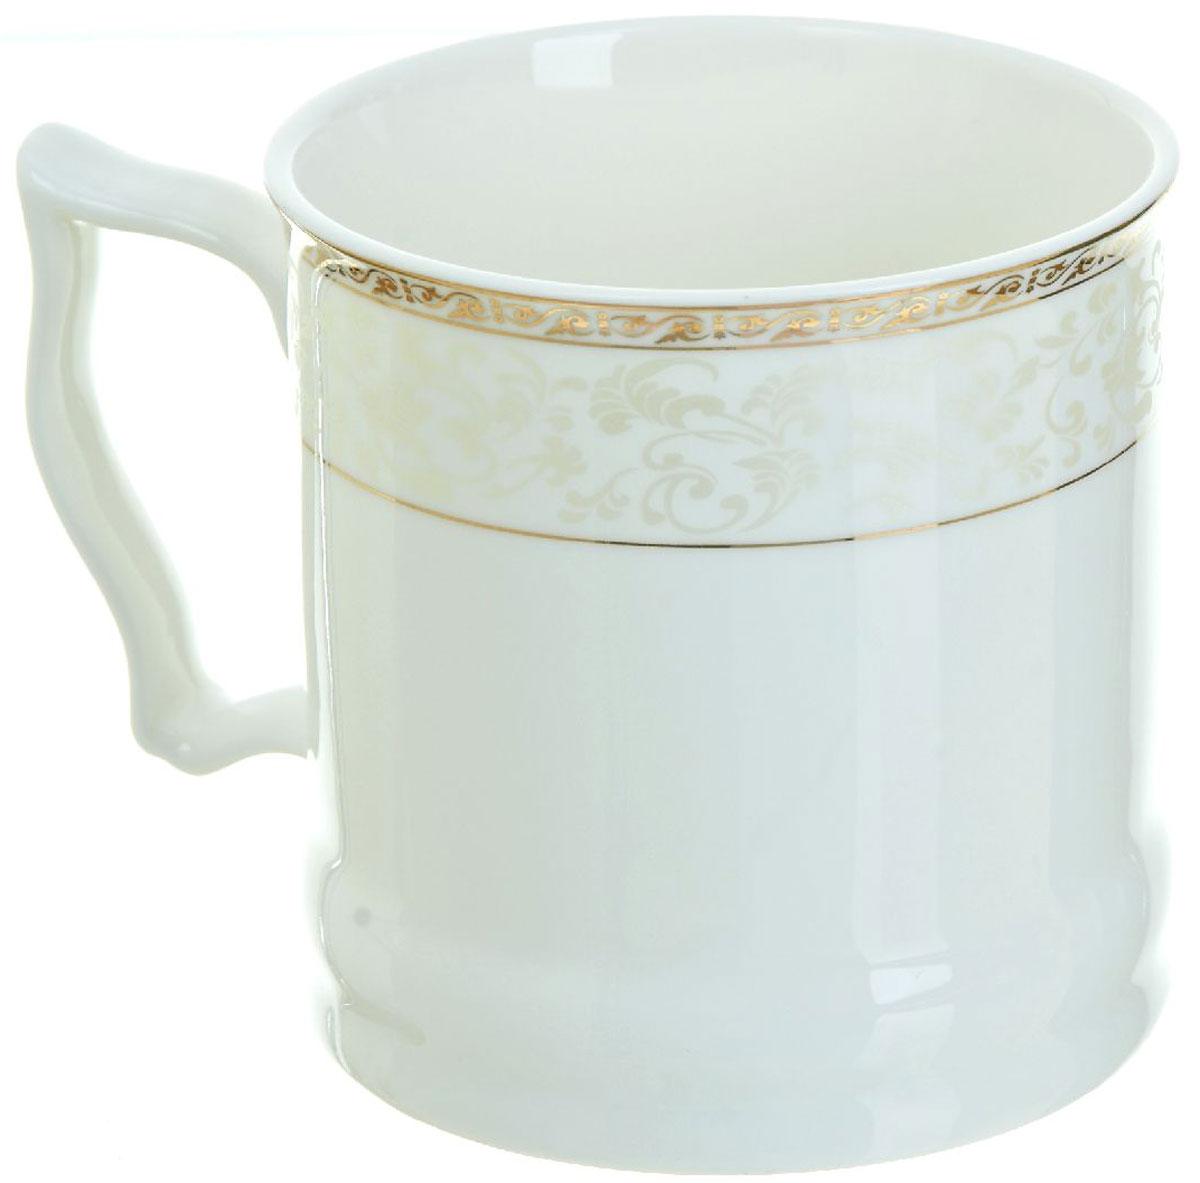 Кружка BHP Королевская кружка, 500 мл. 18700041870004Оригинальная кружка Best Home Porcelain, выполненная из высококачественного фарфора, сочетает в себе простой, утонченный дизайн с максимальной функциональностью. Оригинальность оформления придутся по вкусу тем, кто ценит индивидуальность. В комплект входит кружка. Можно использовать в ПММ.